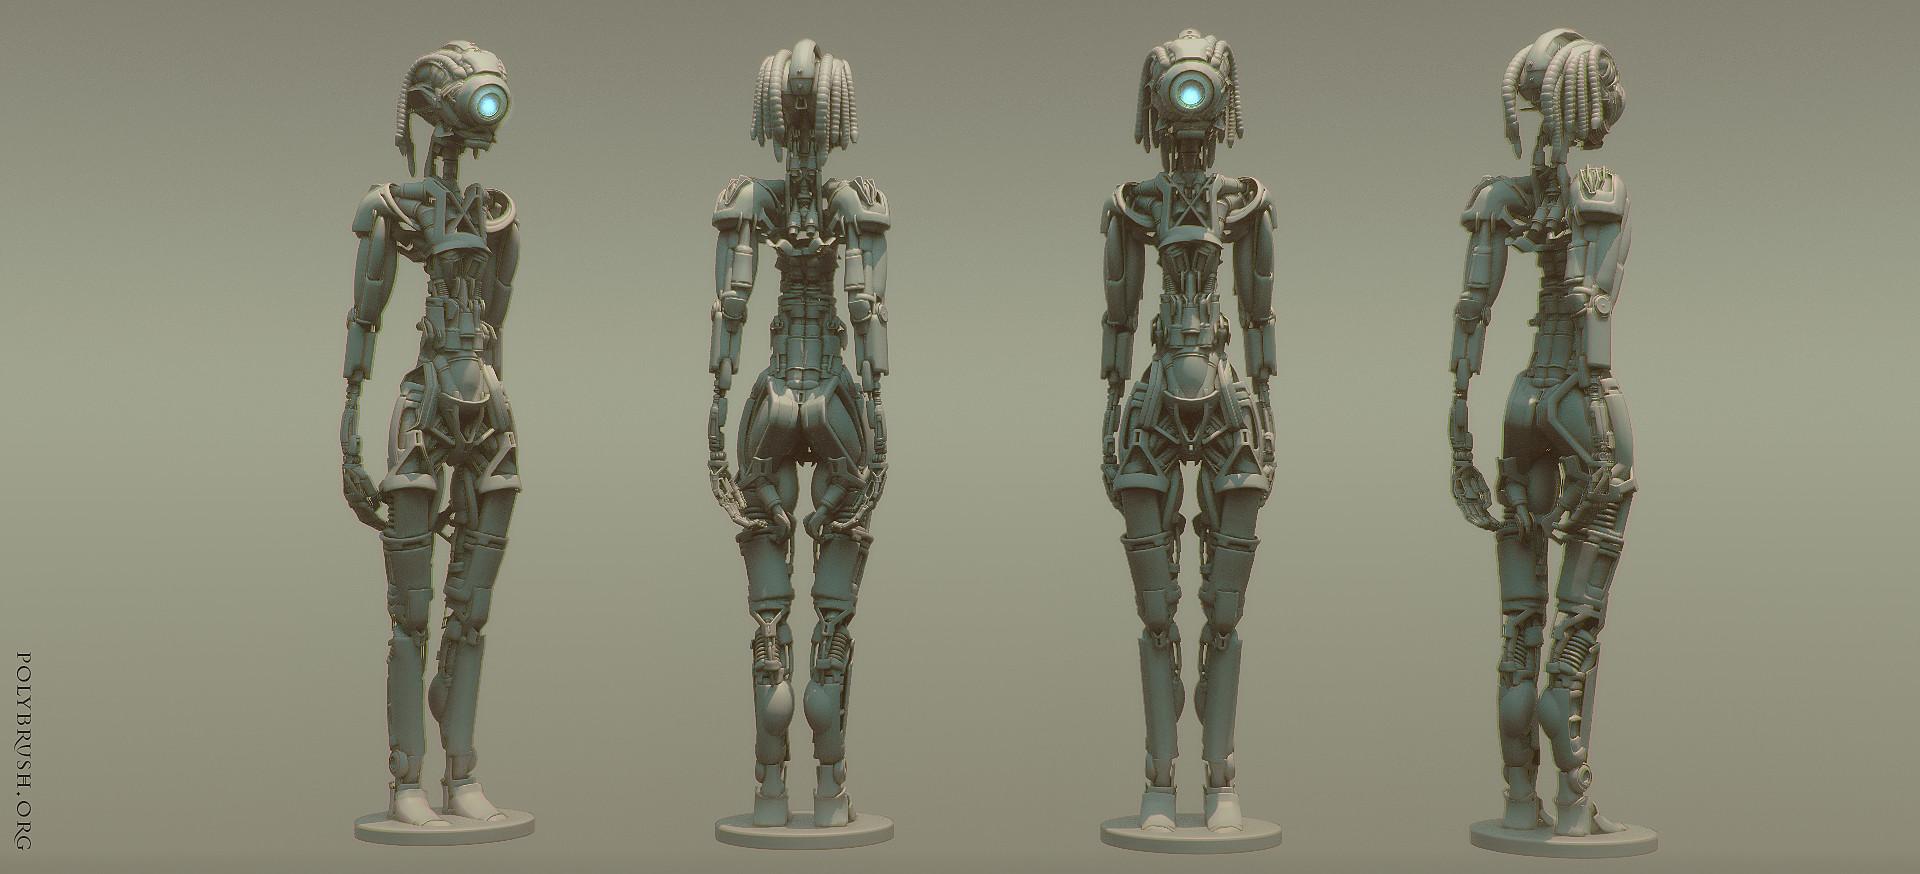 Arseniy korablev robot 3